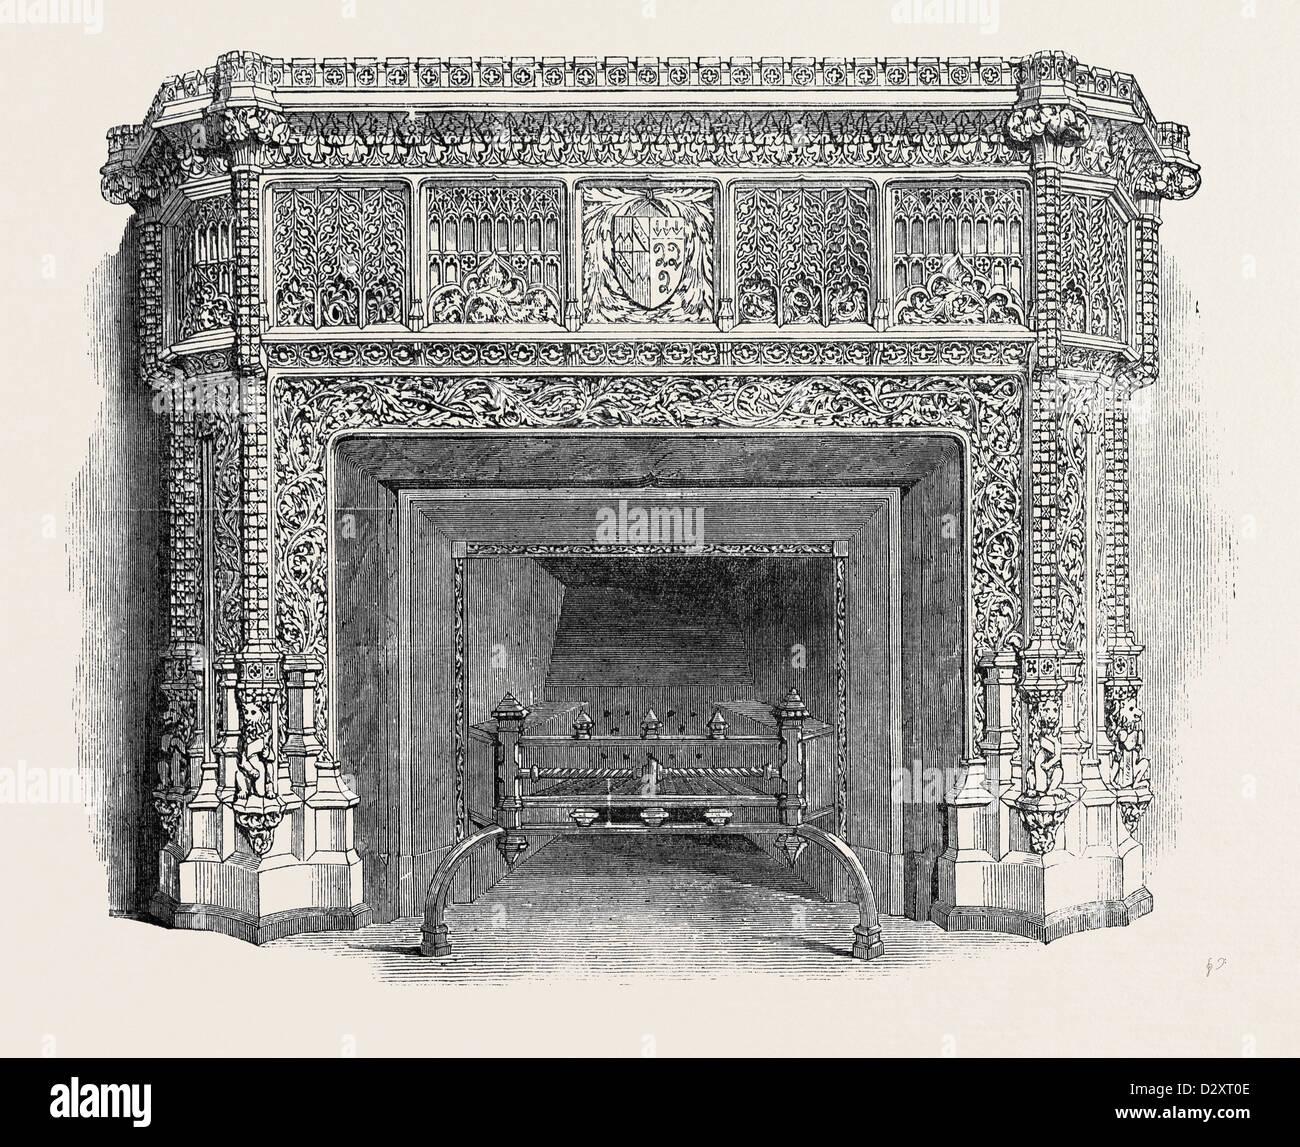 GOTHIC MANTEL pezzo, da WYNNE E LUMSDEN, la grande mostra Immagini Stock